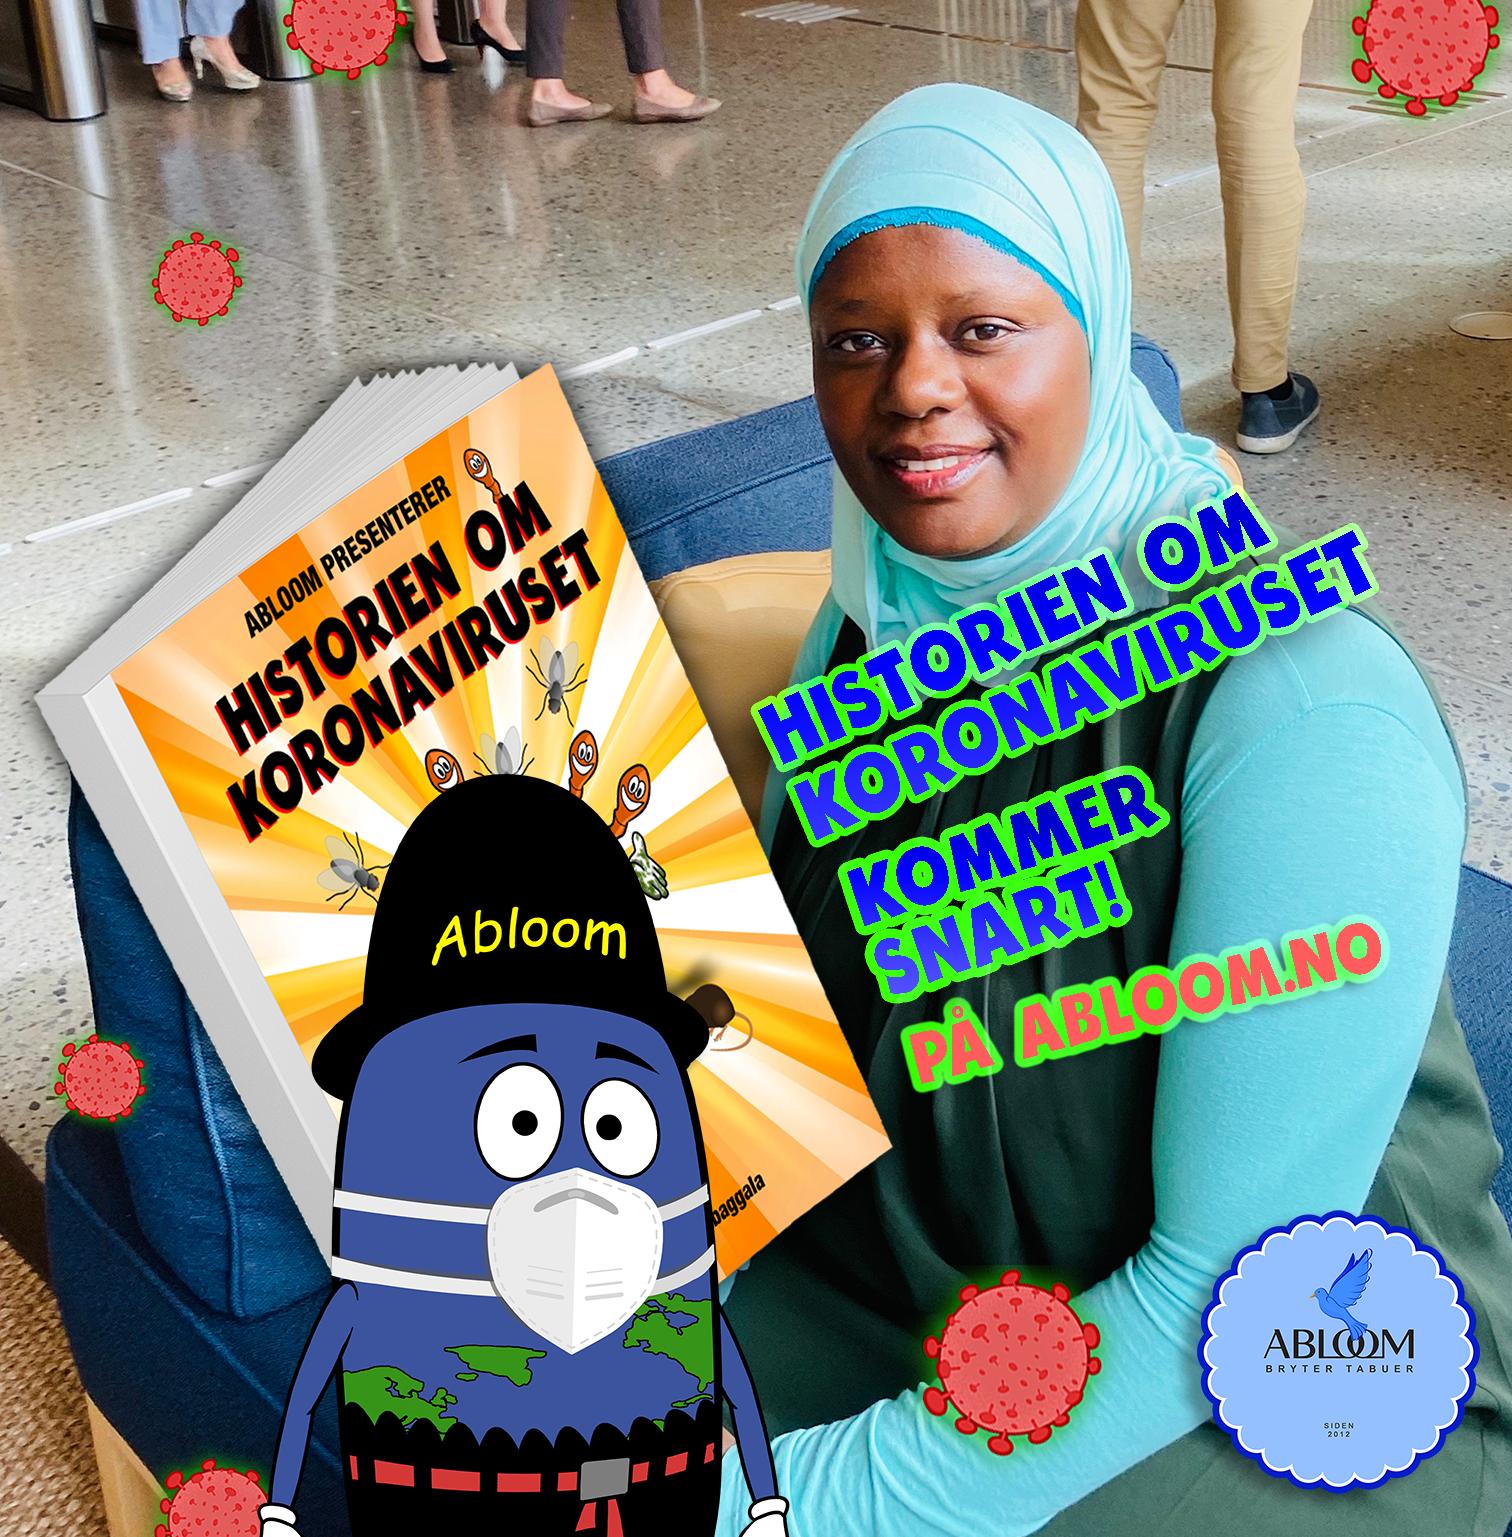 Abloom inviterer til boklansering med forfattersamtale!